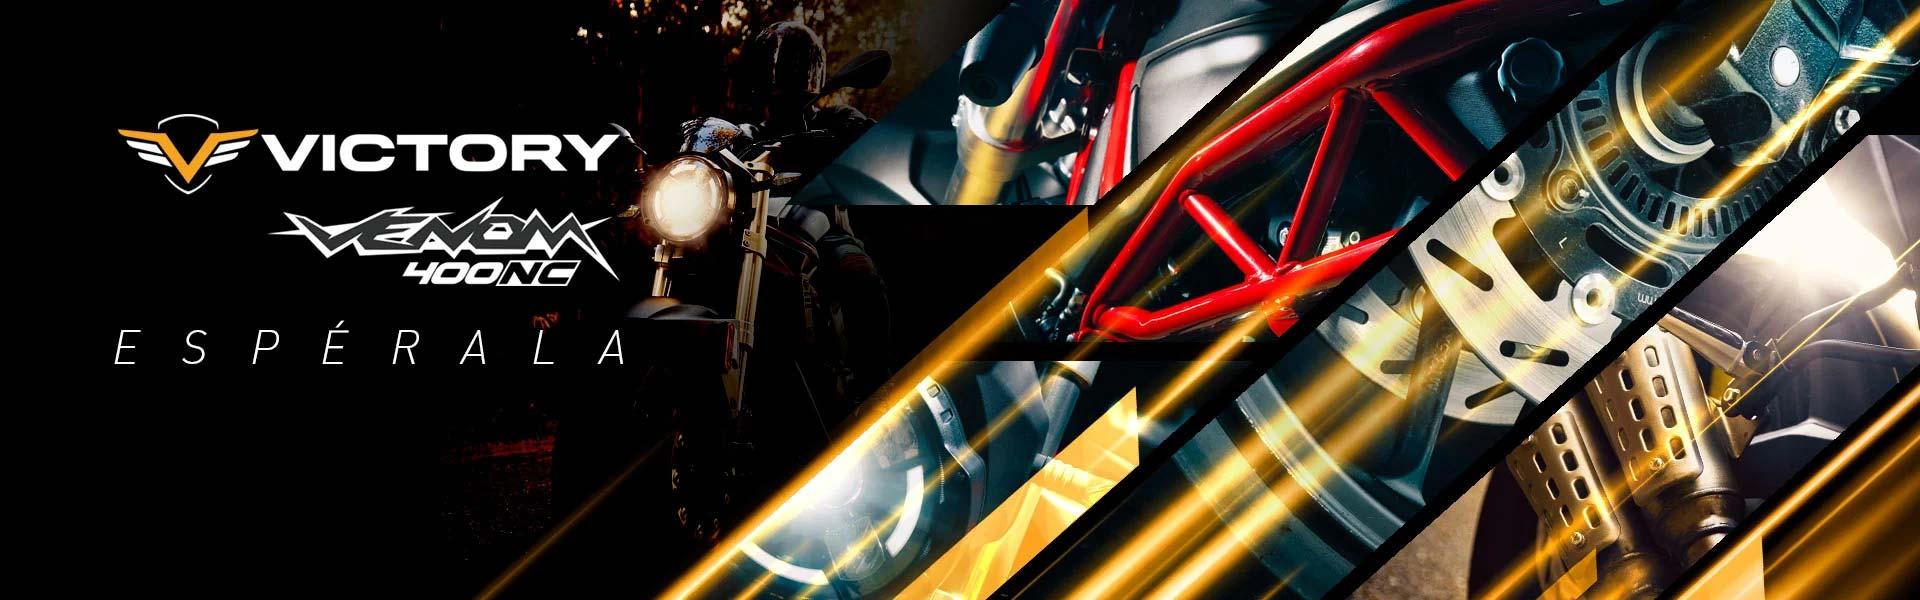 Motos Alta Gama - Victory Motorcycle